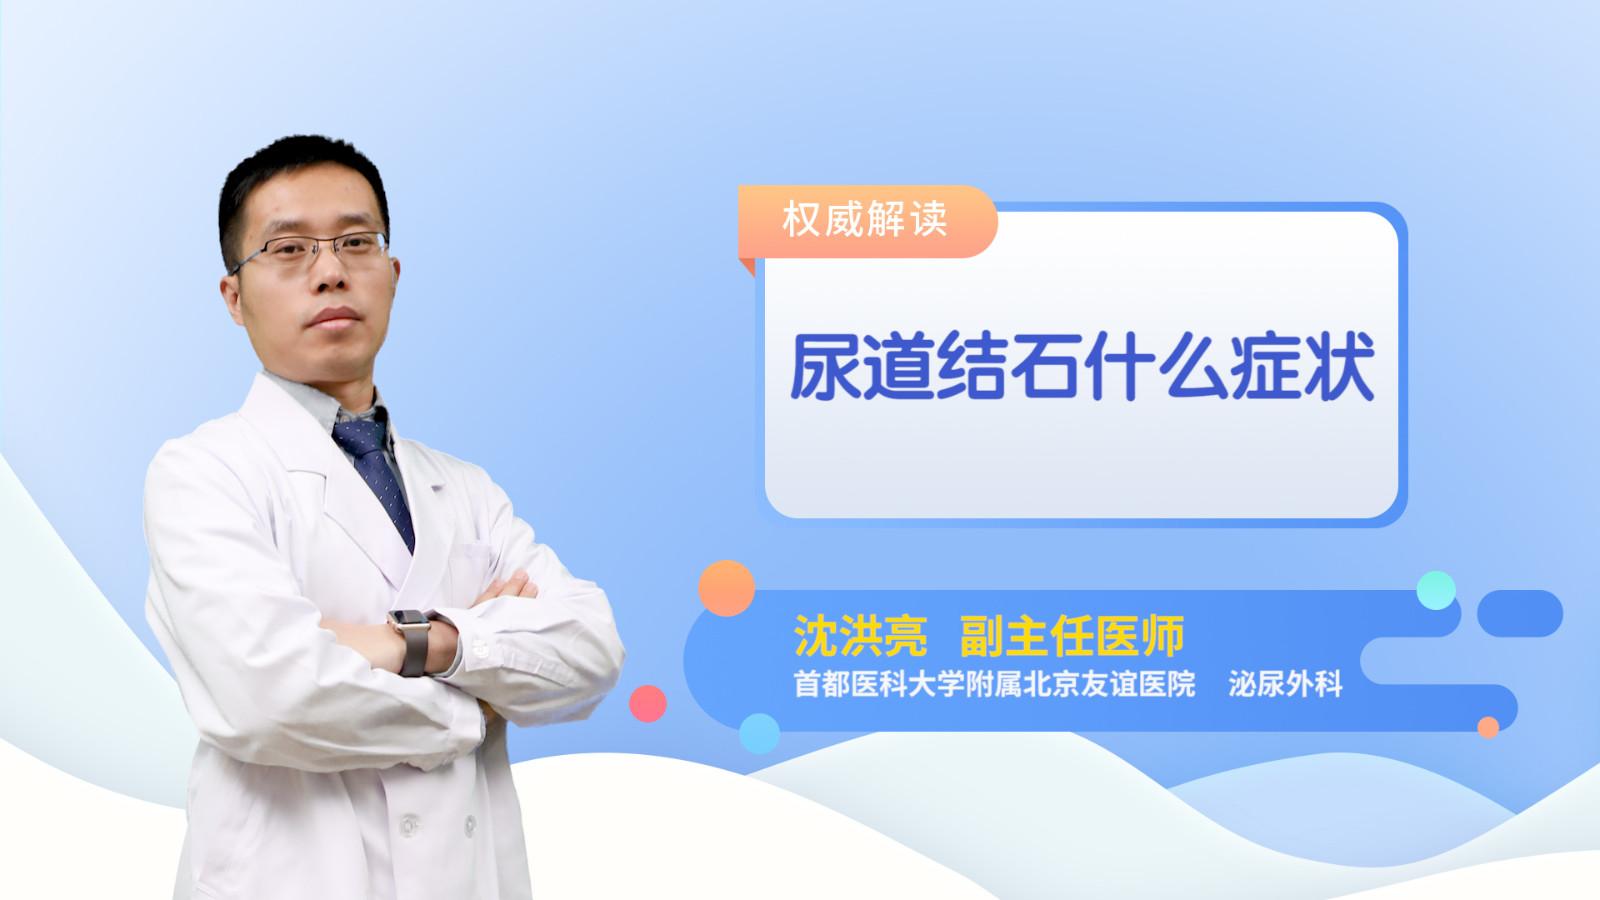 尿道结石什么症状